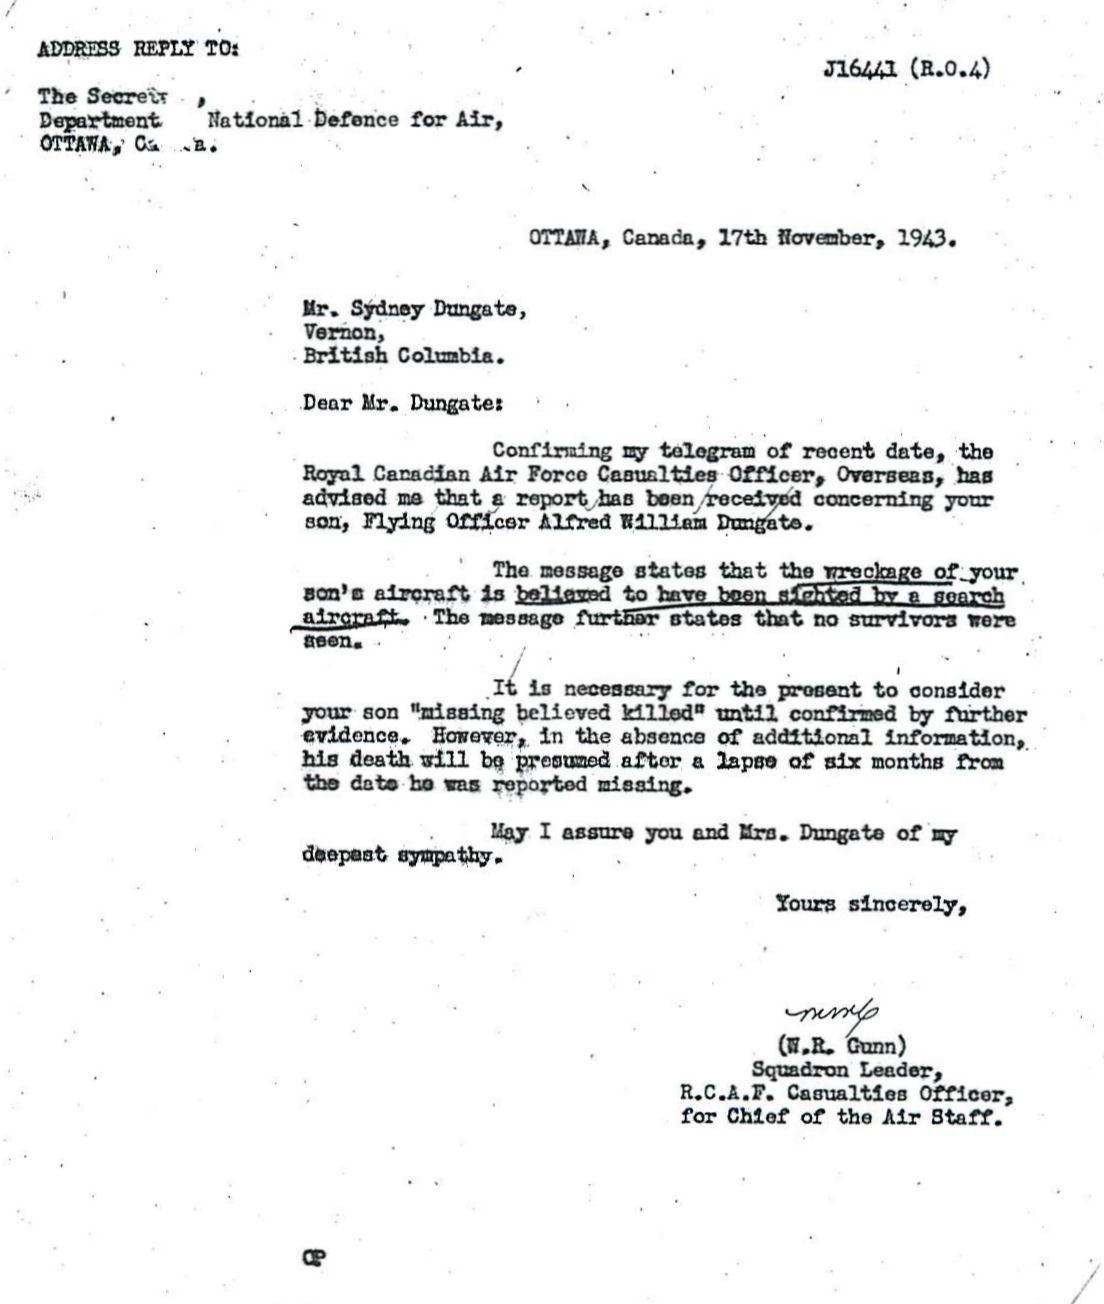 Letter (November 17, 1943)